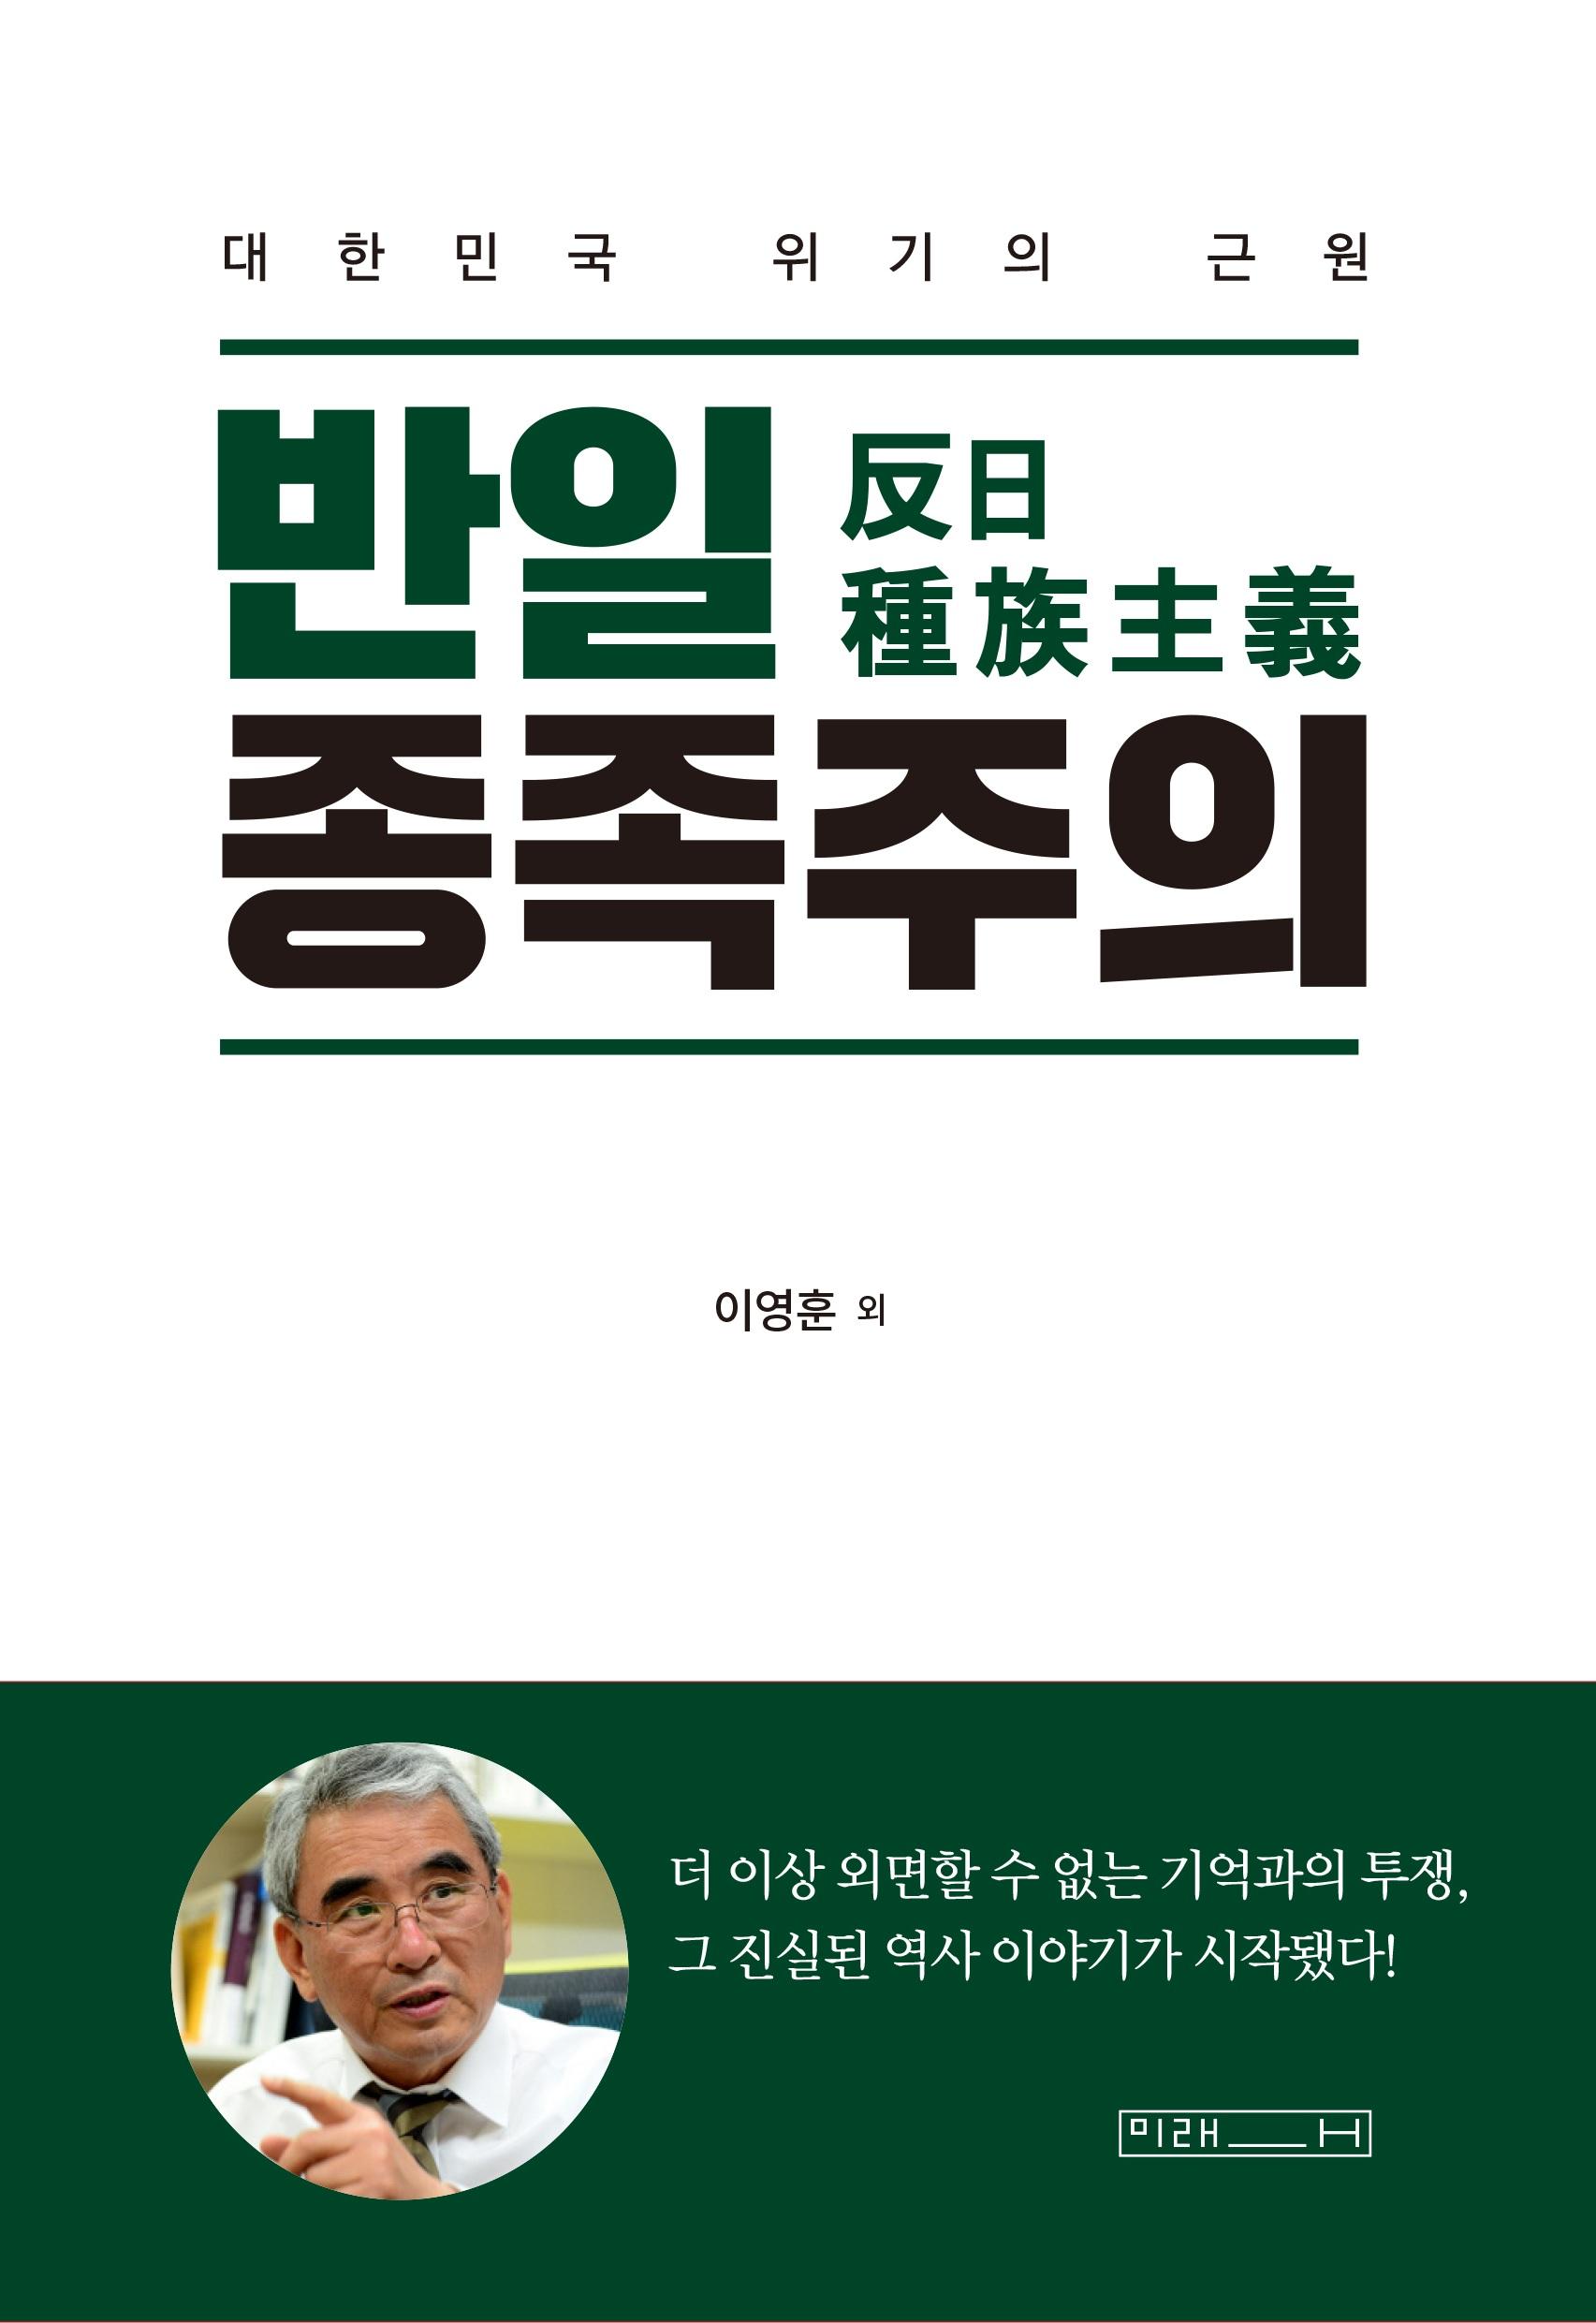 반일 종족주의 표지